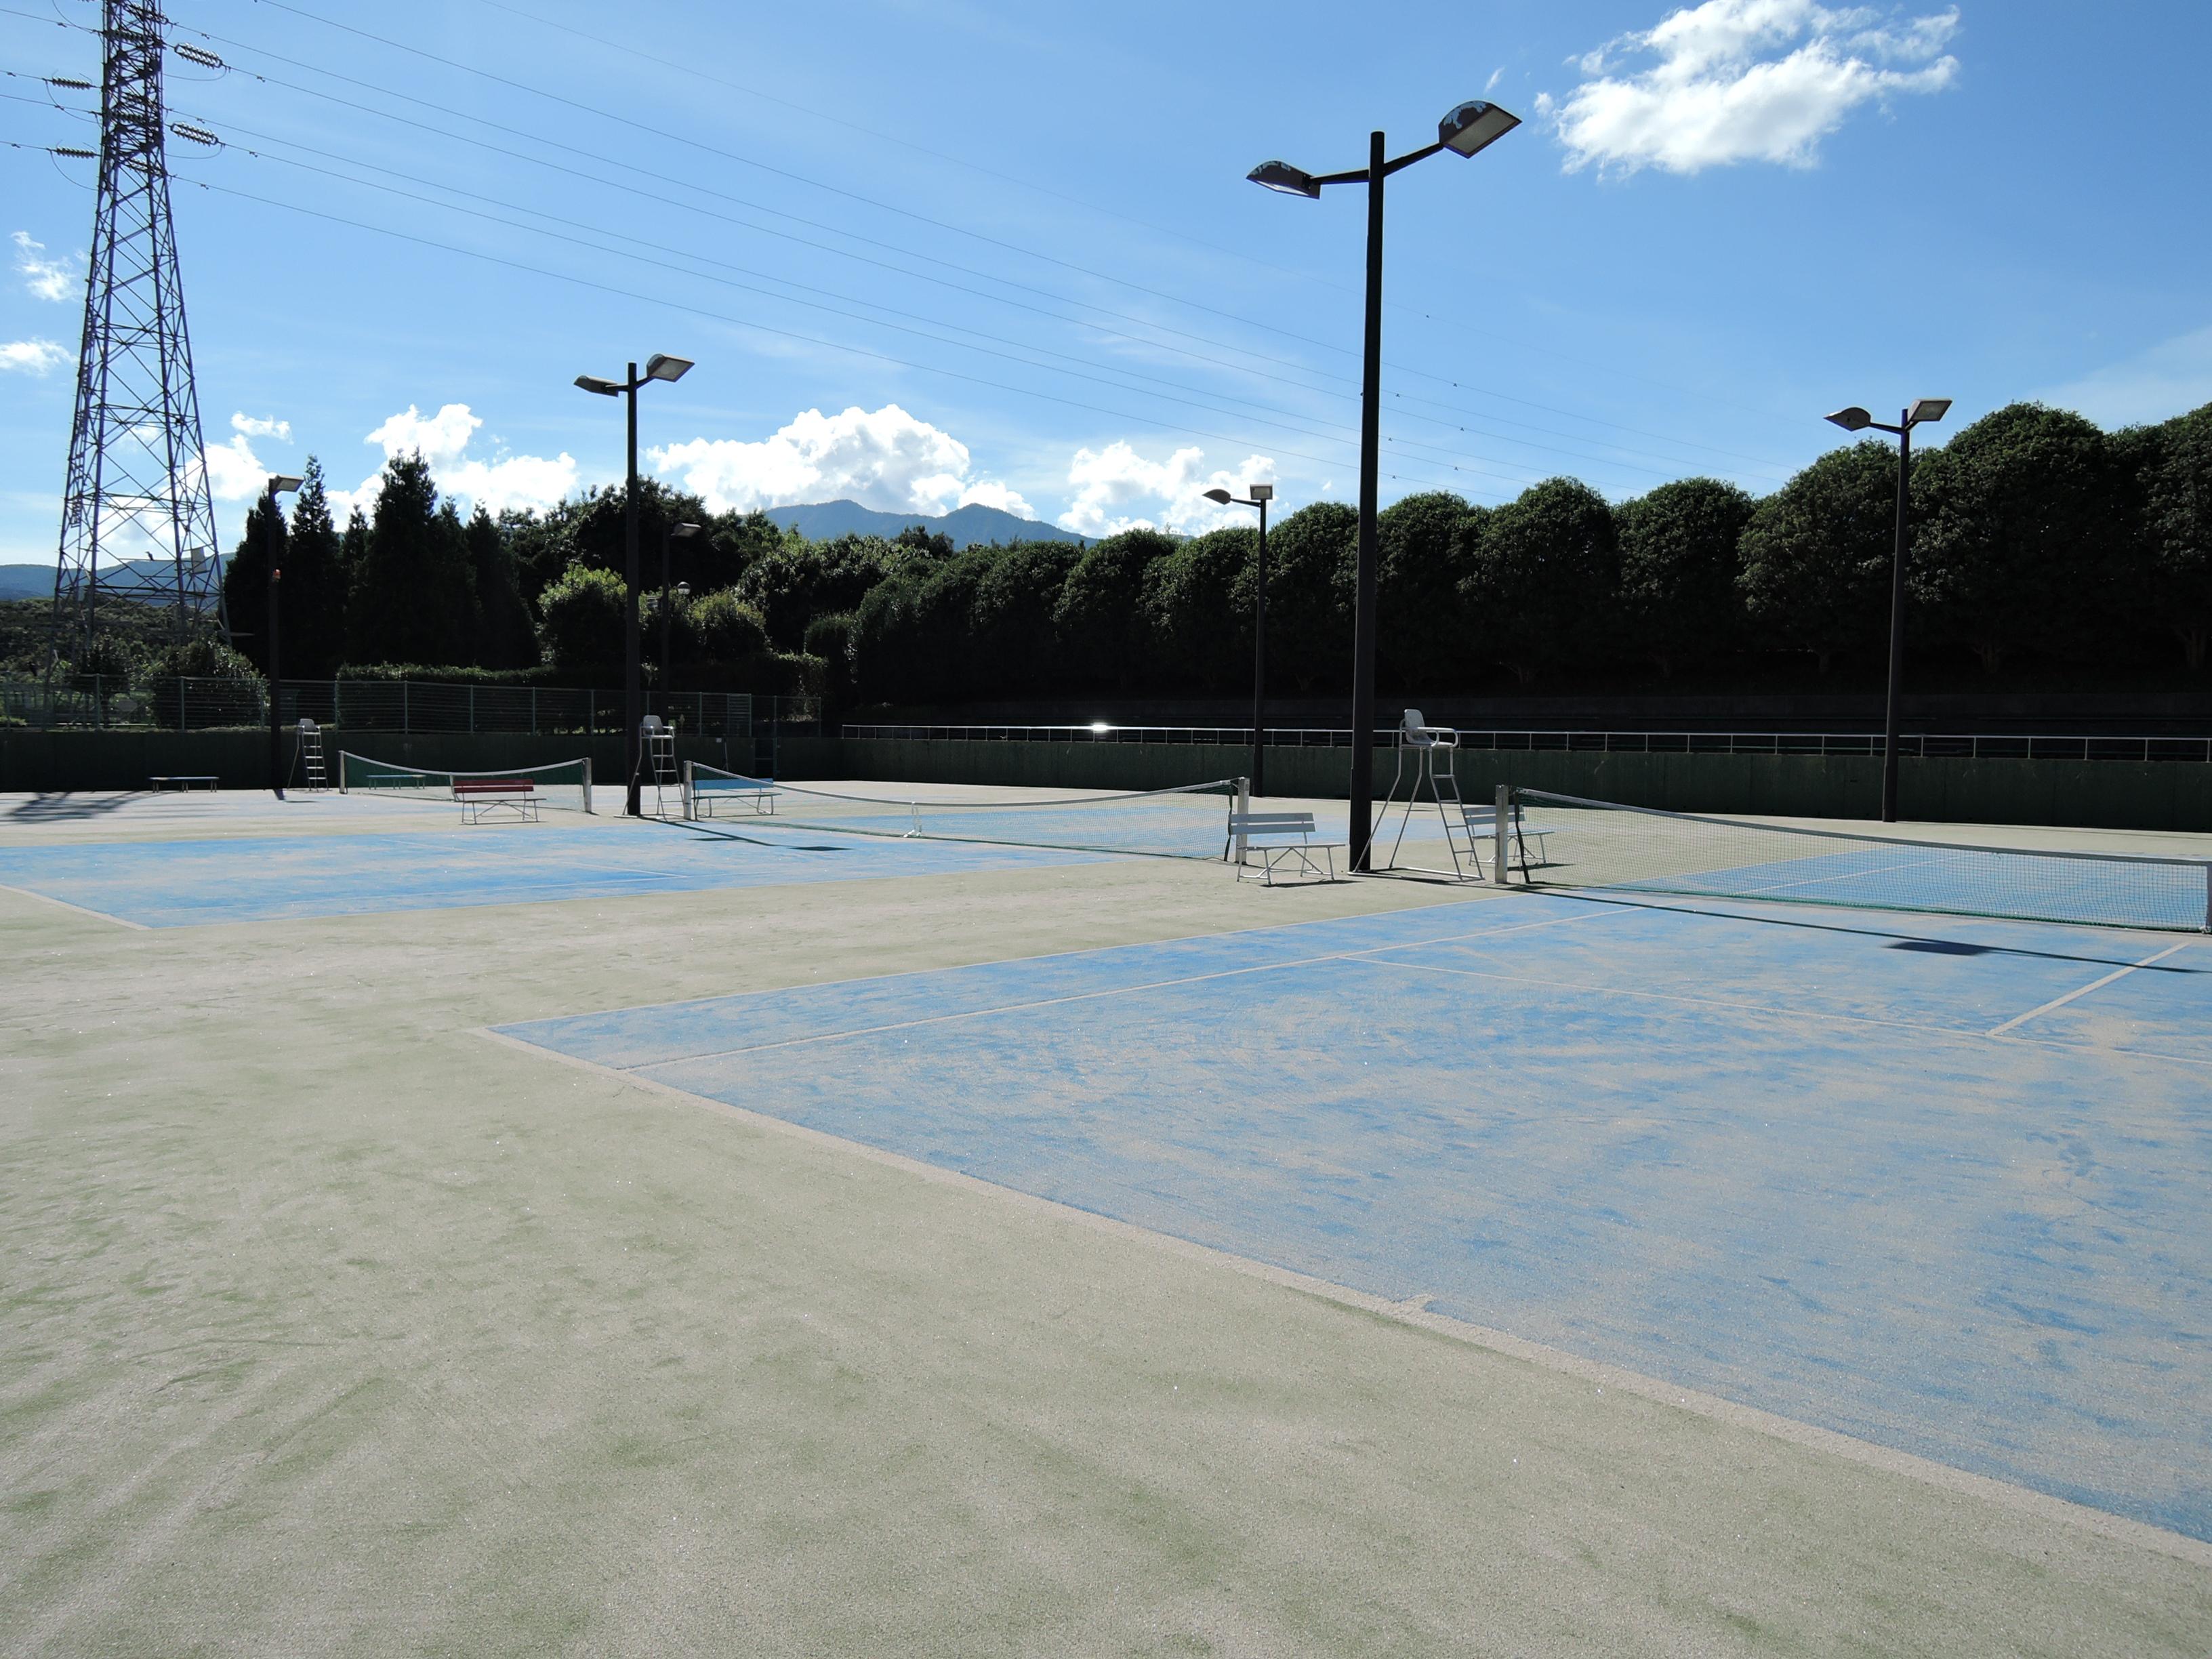 テニス場の画像